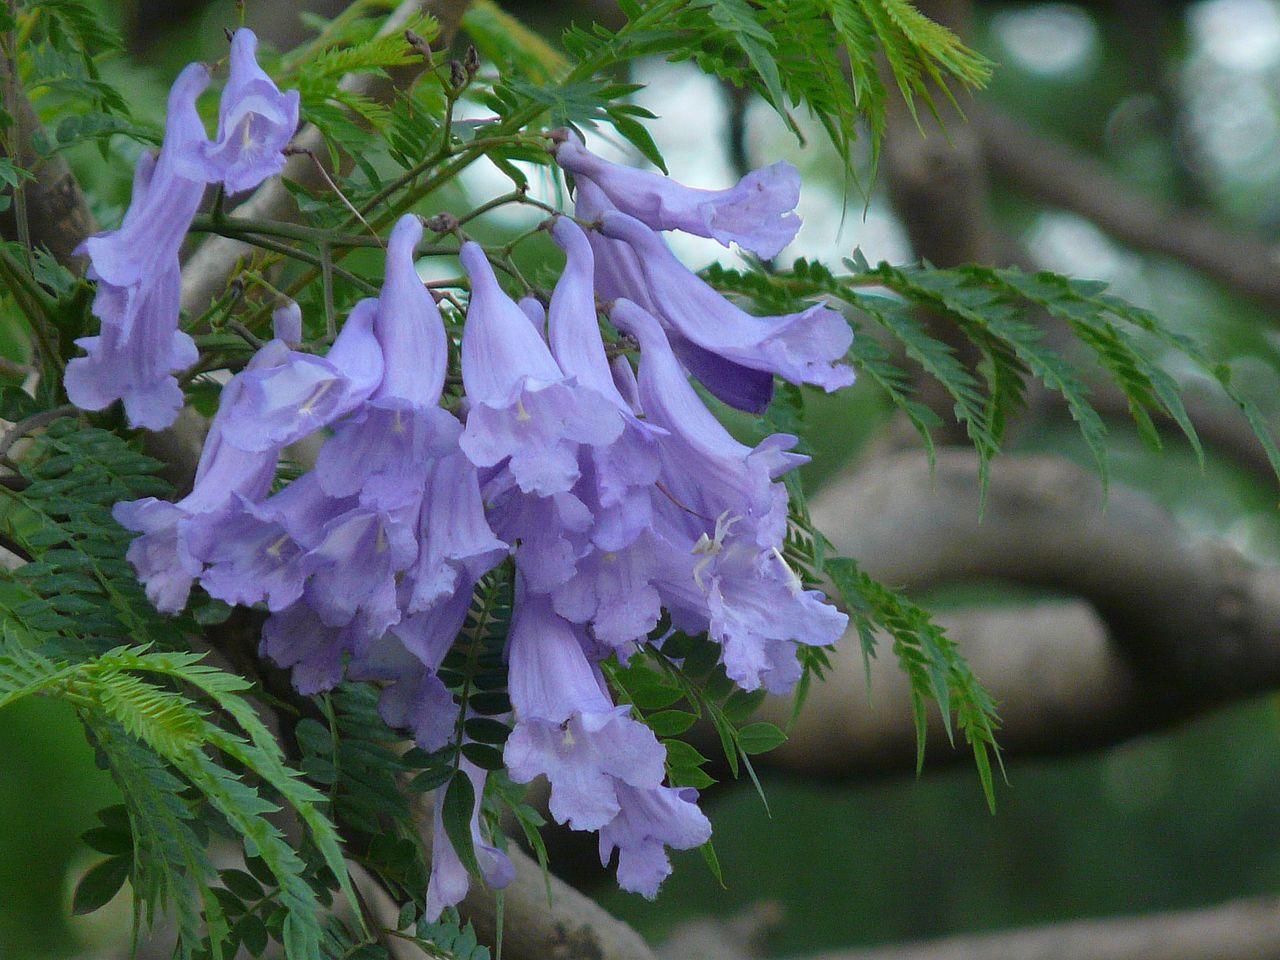 Las flores del jacaranda son numerosas